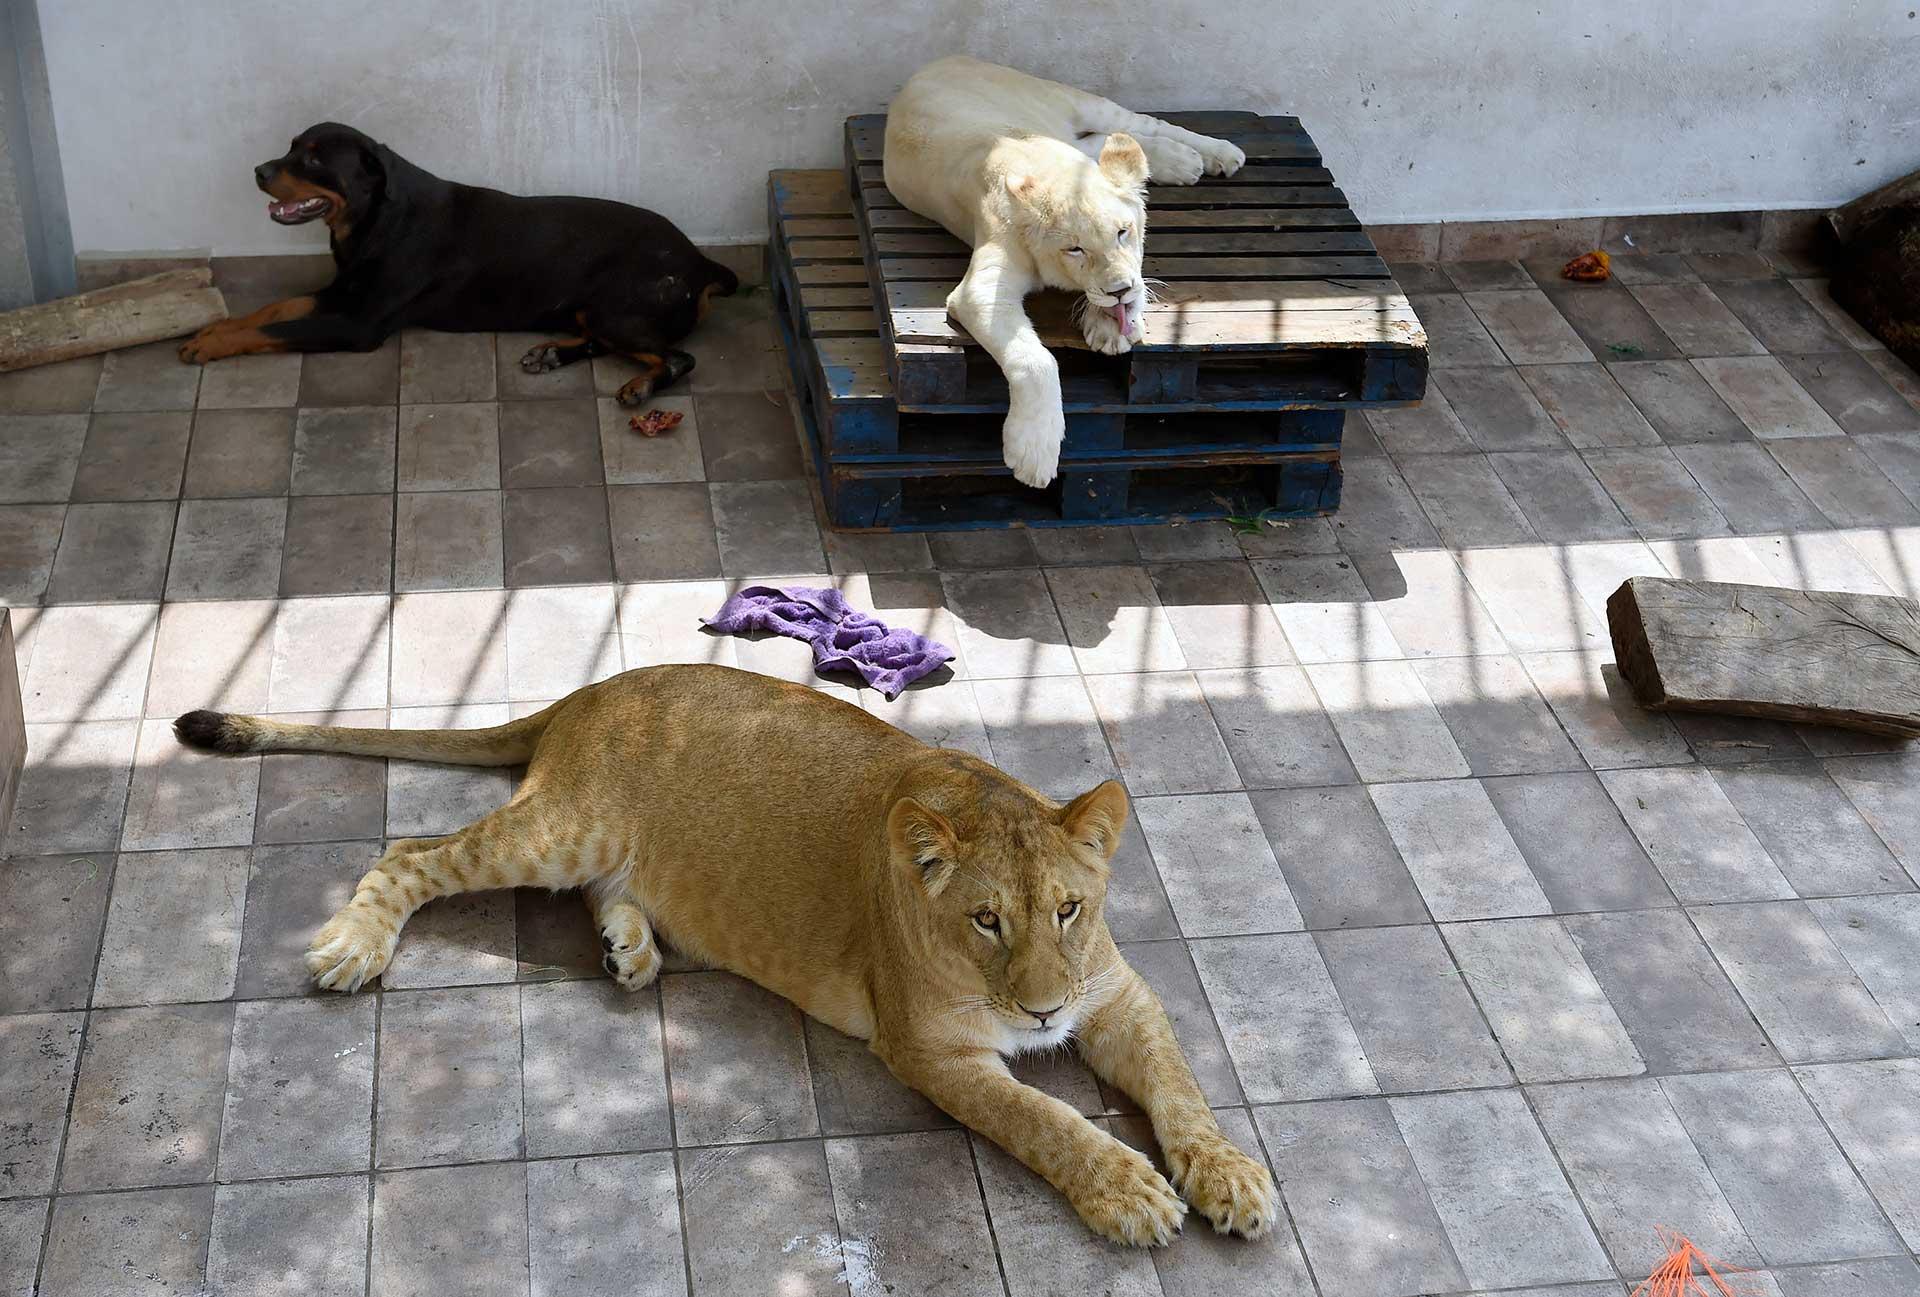 -Los leones no pelean entre ellos y sorprendentemente tampoco con Nerón, un rottweiler al que protegieron una vez de los ladridos de amenaza de otro perro, cuenta orgulloso Omar